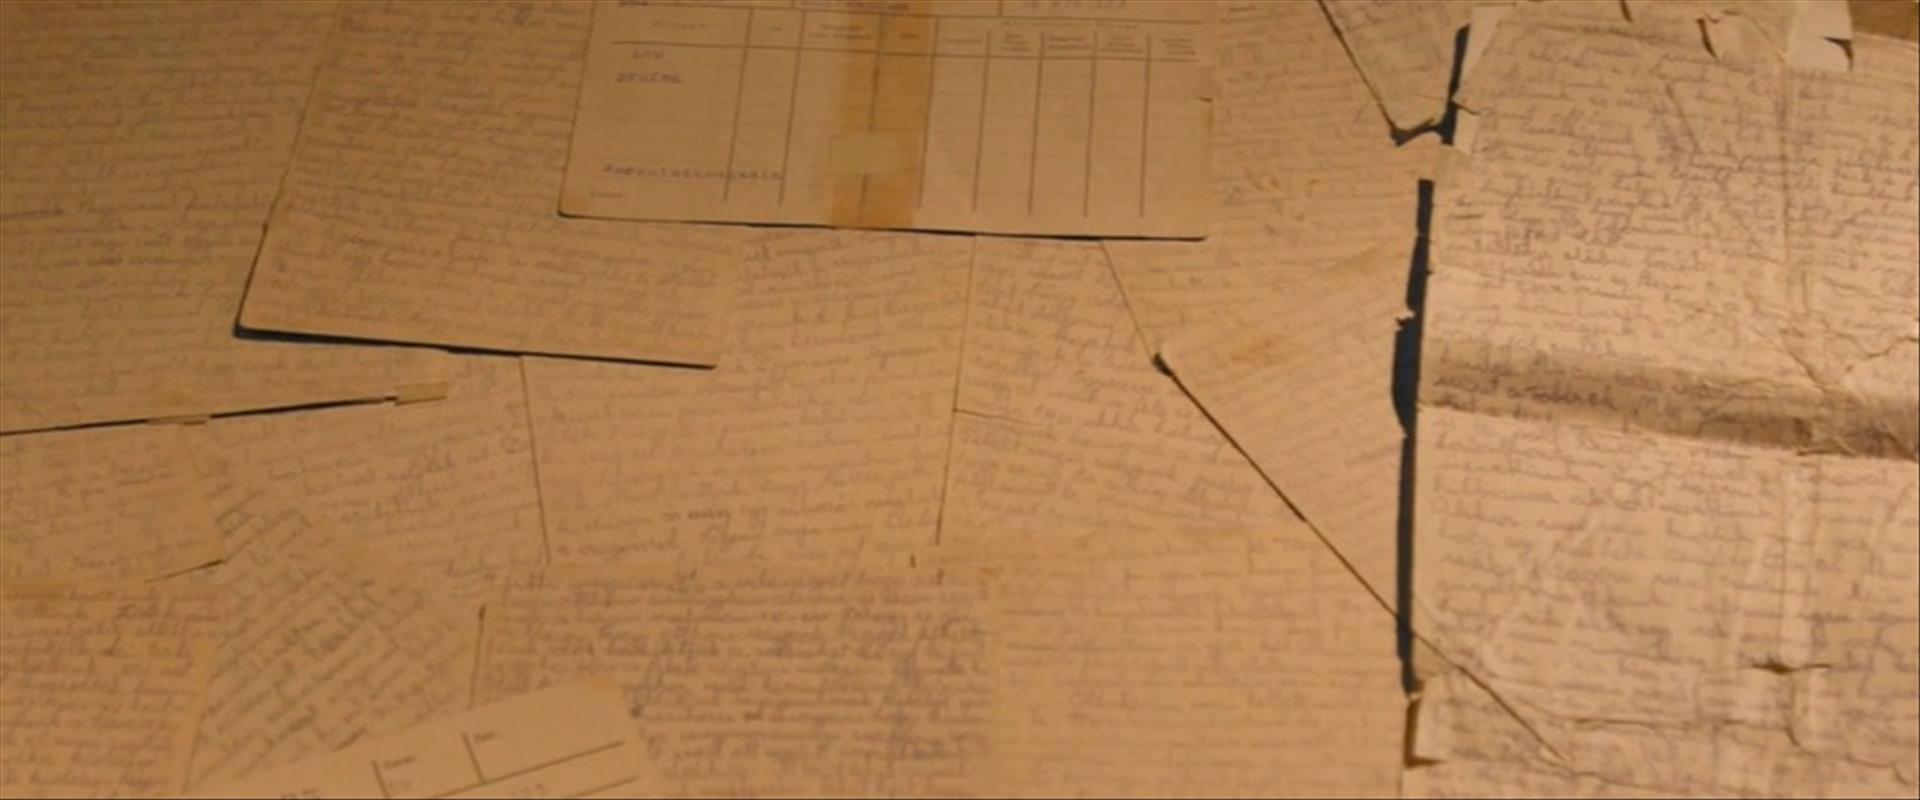 דפים ביומנה של שנדי מילר